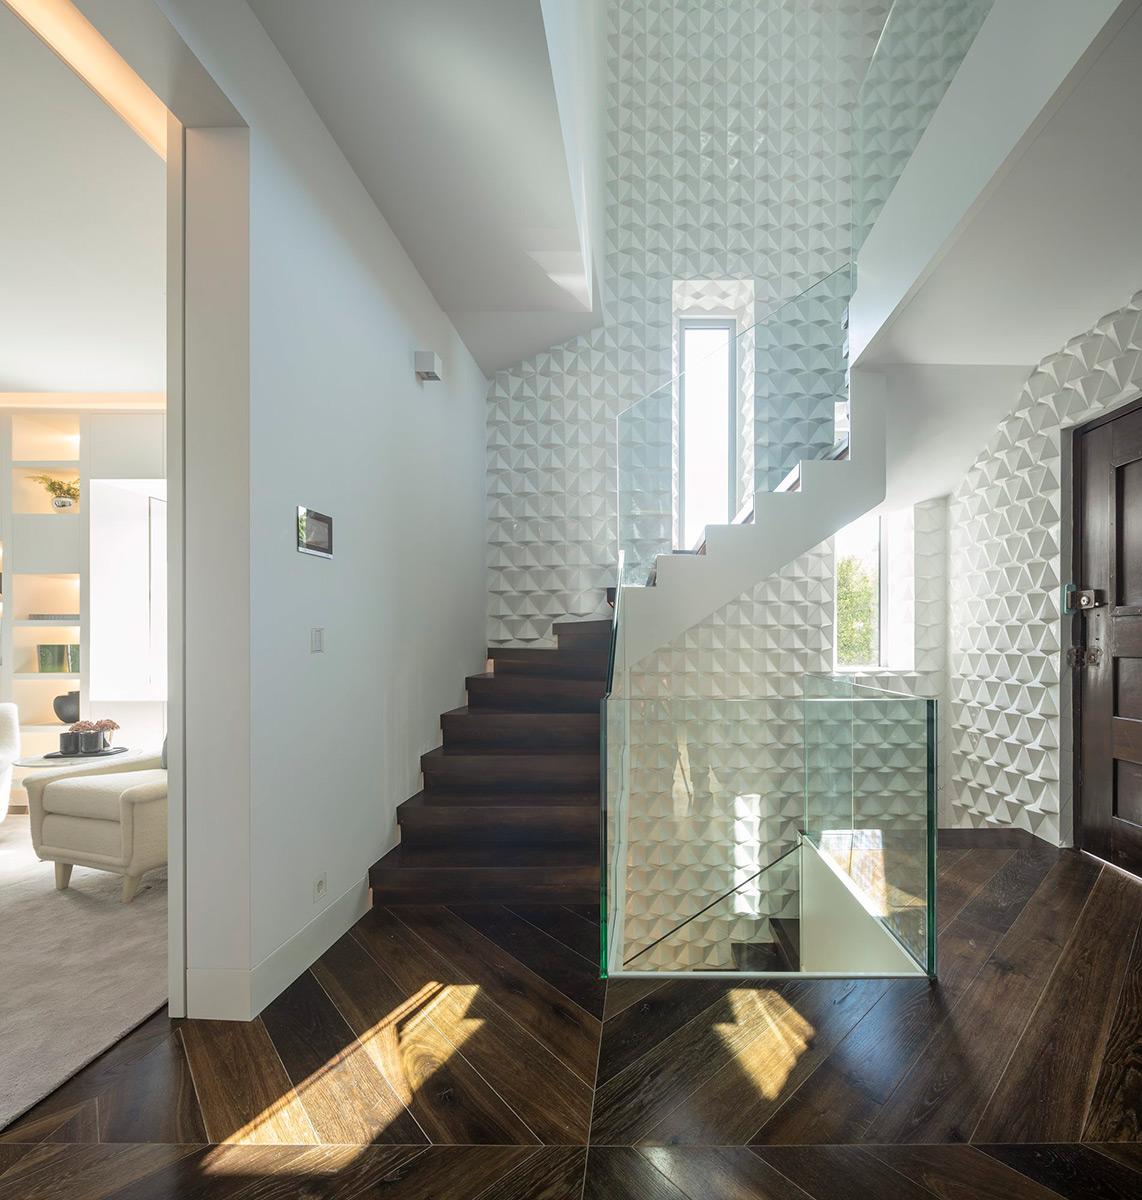 Casa-AD25-Joao-Tiago-Aguiar-Arquitectos-Fernando-Guerra-10